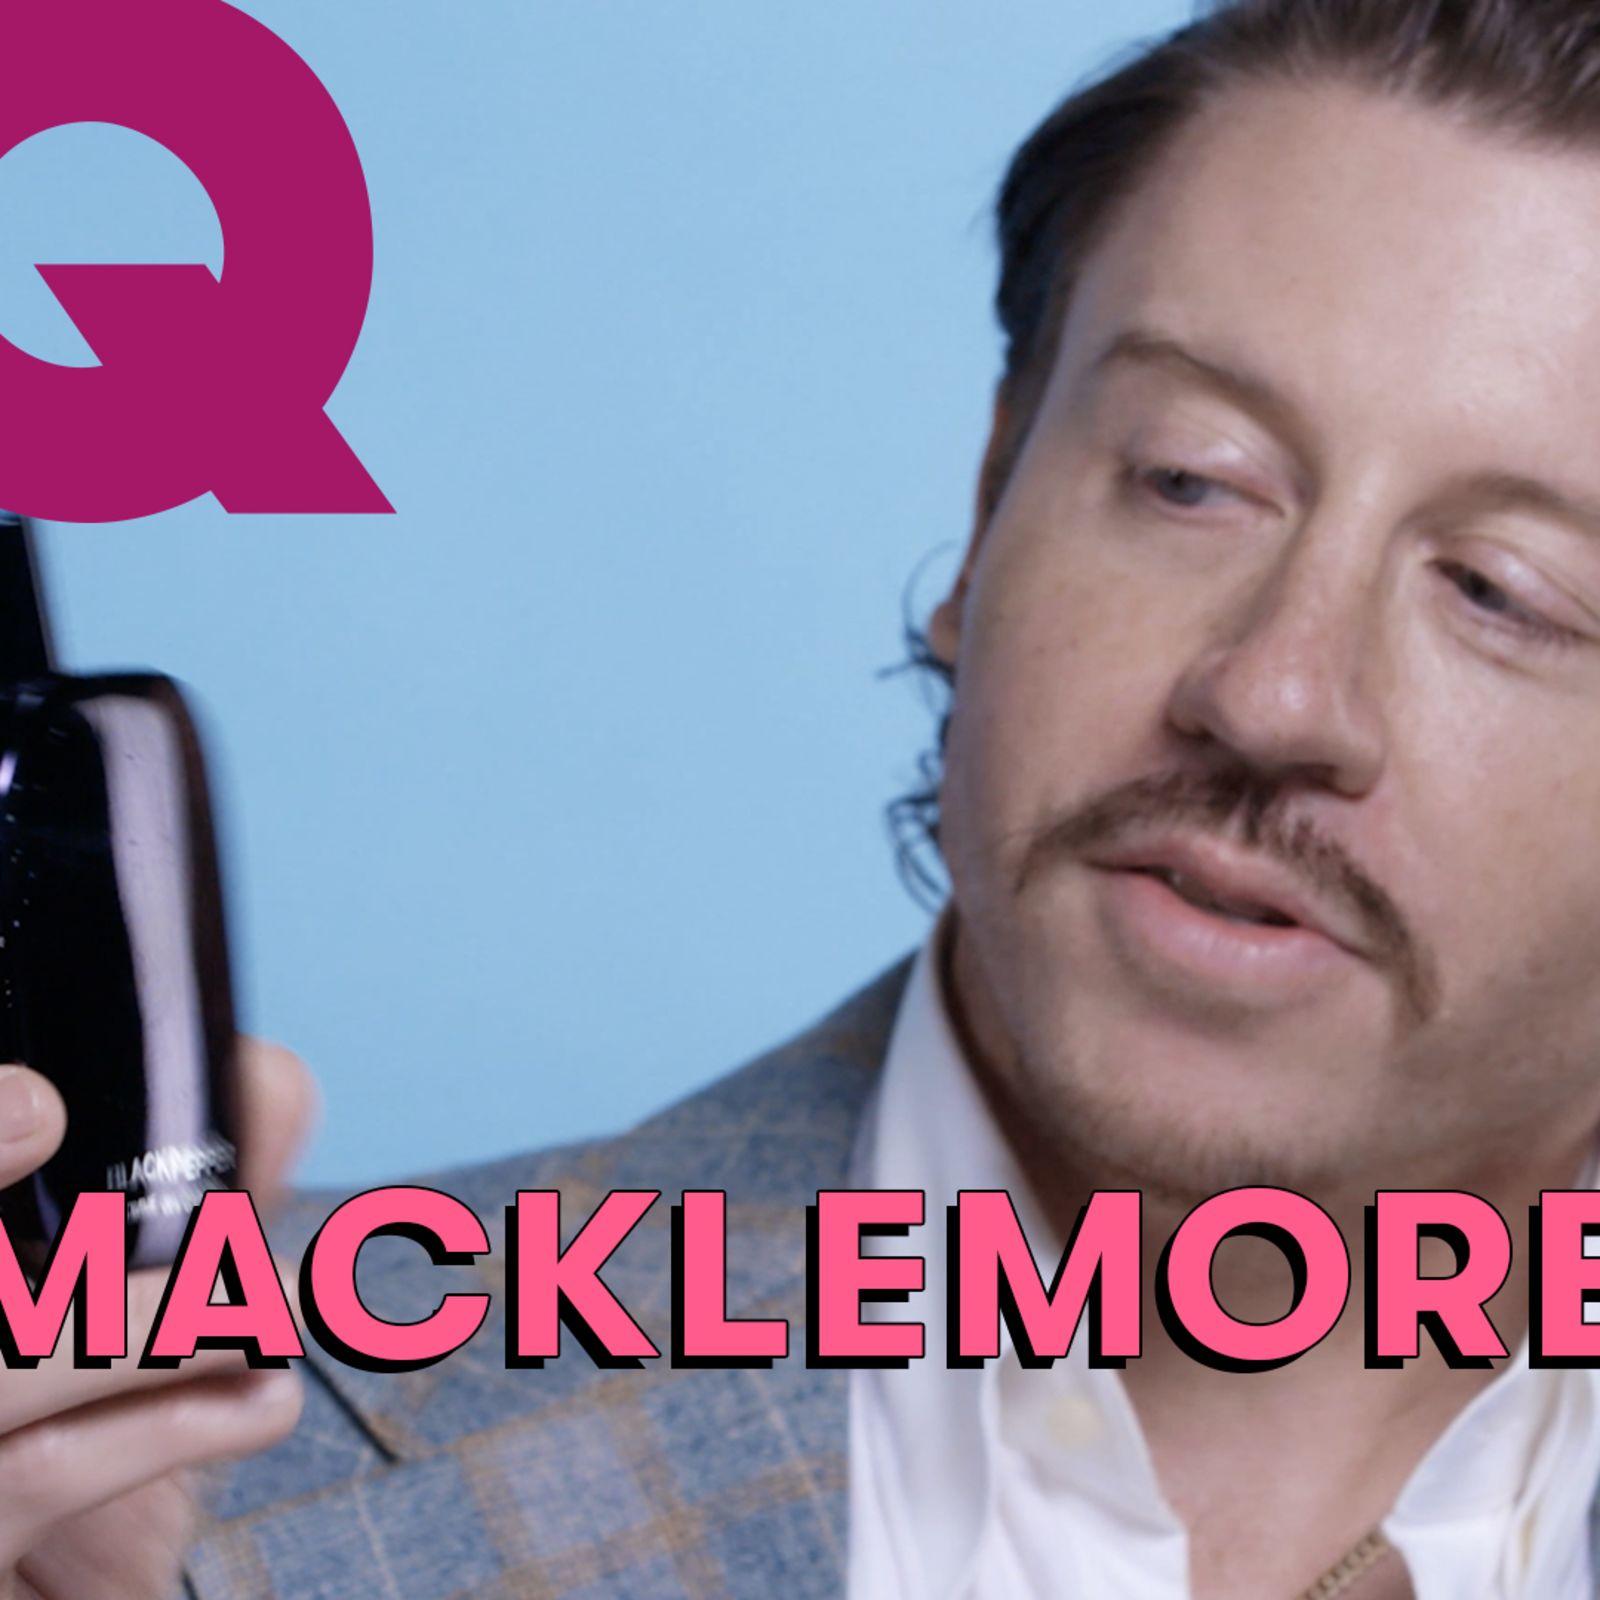 Les 10 Essentiels de Macklemore (Parfum, balles de golf, montre)